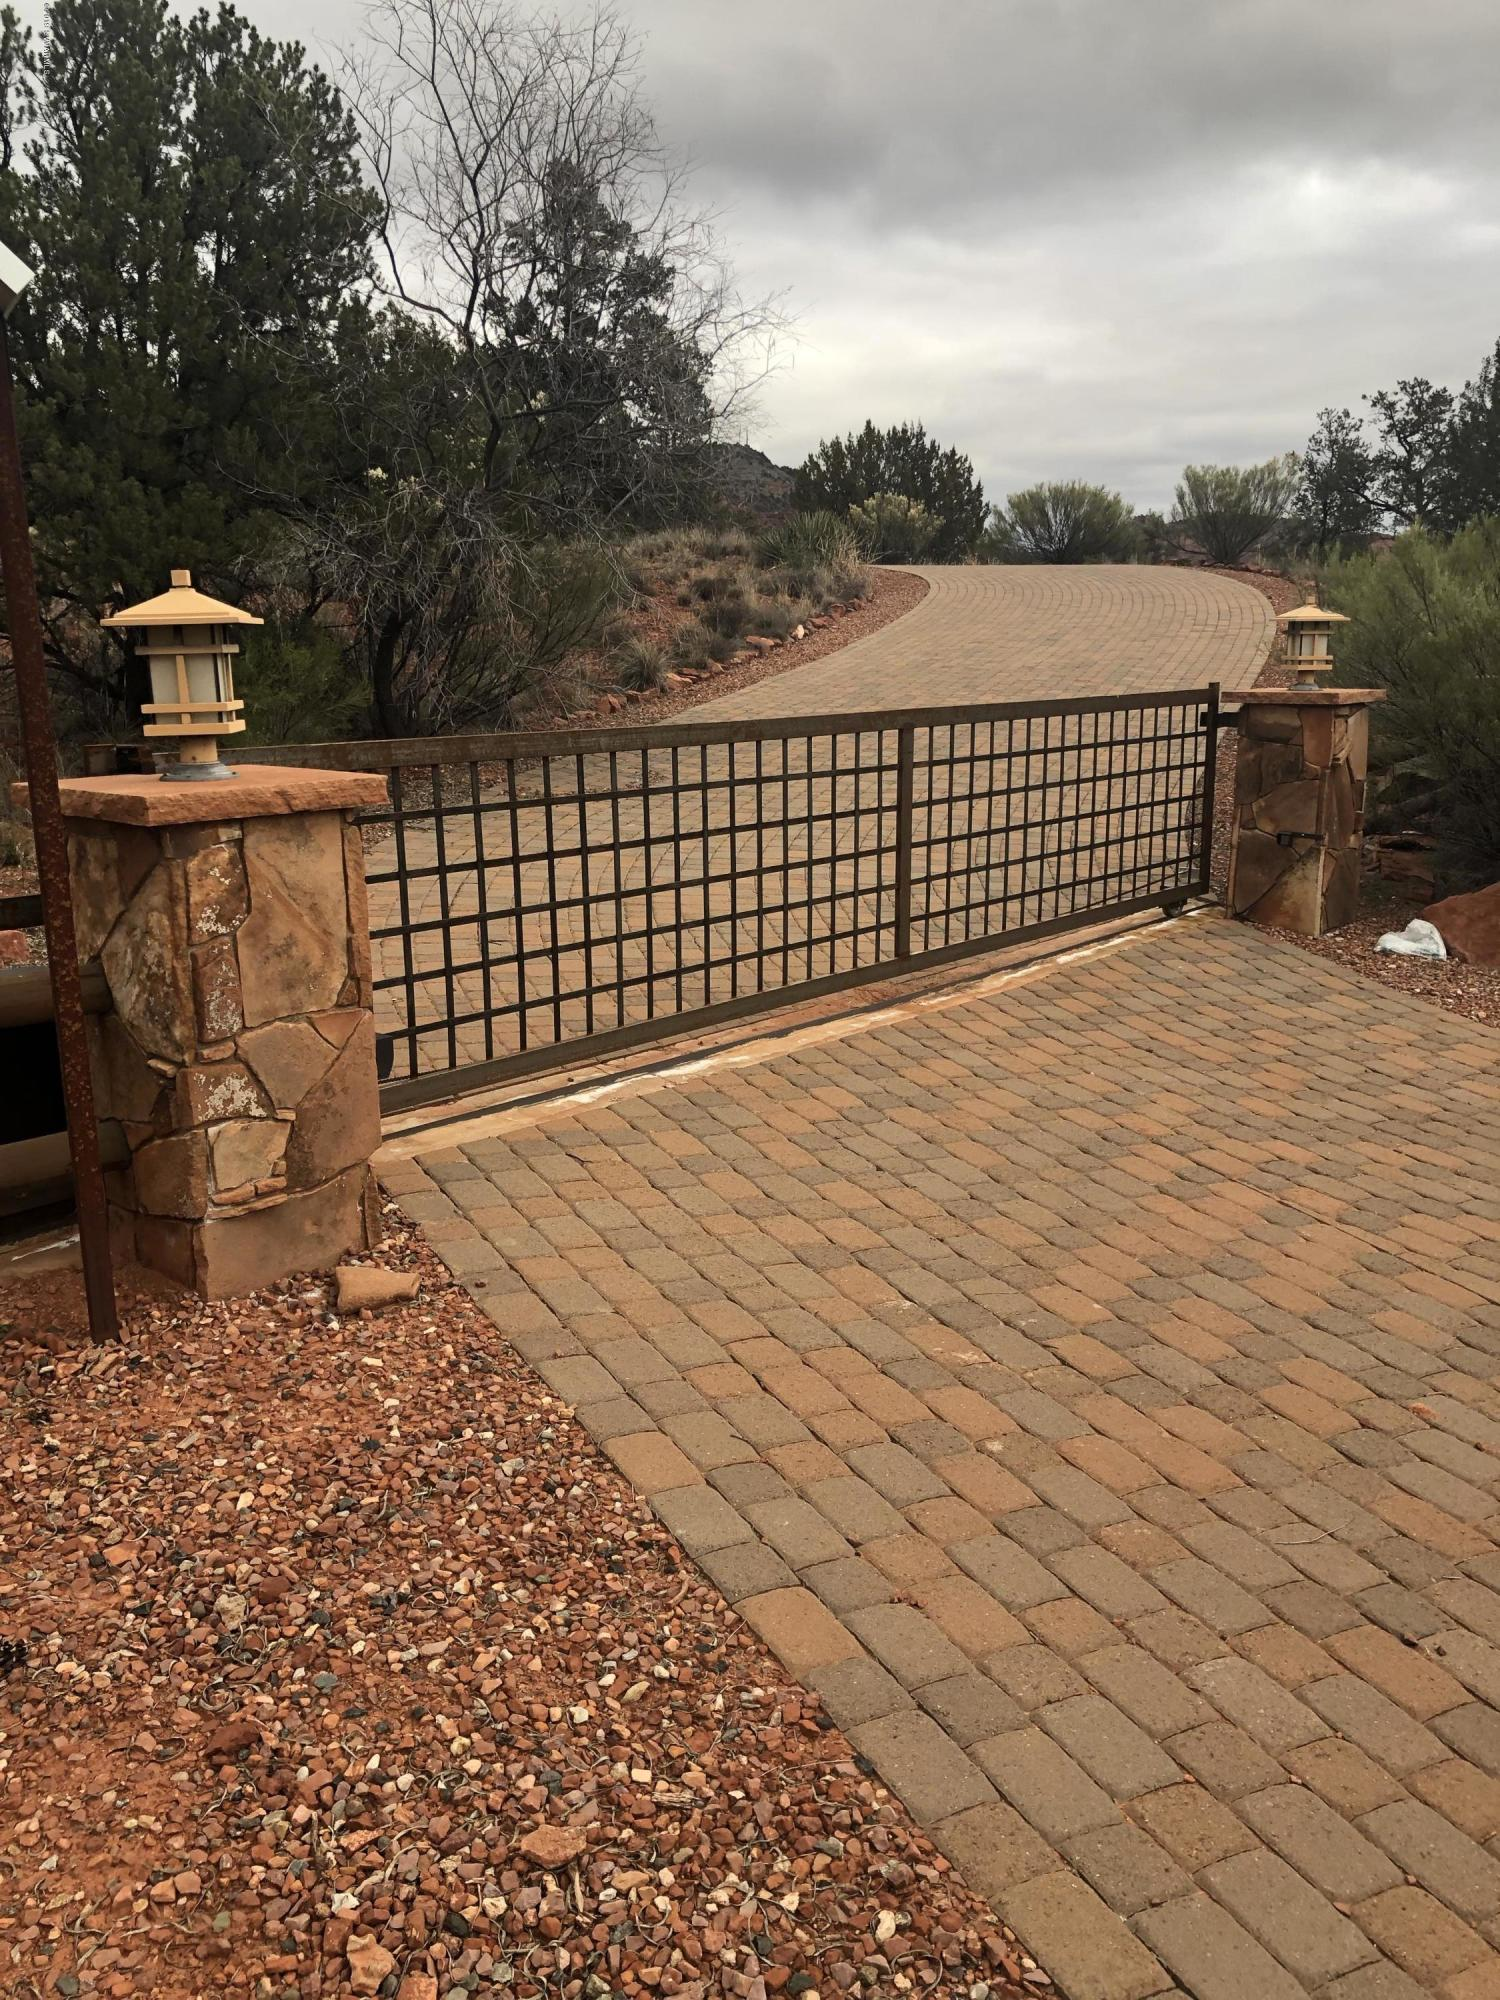 4601 Pedregal Lot 4 Red Rock Loop R Sedona, AZ 86336